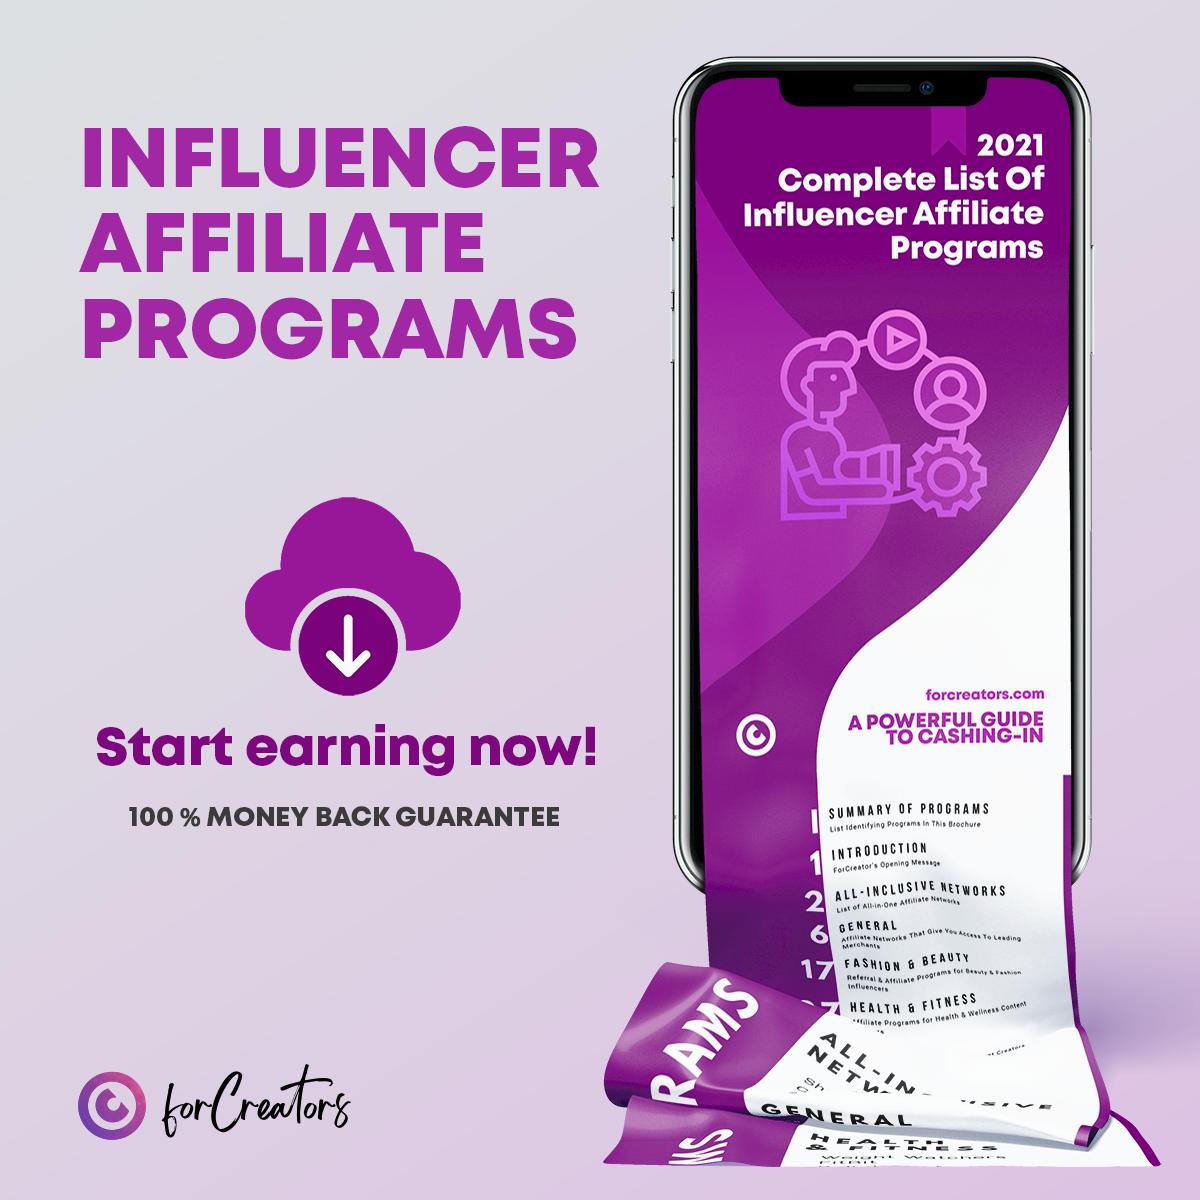 Influencer Affiliate Programs Review 2021